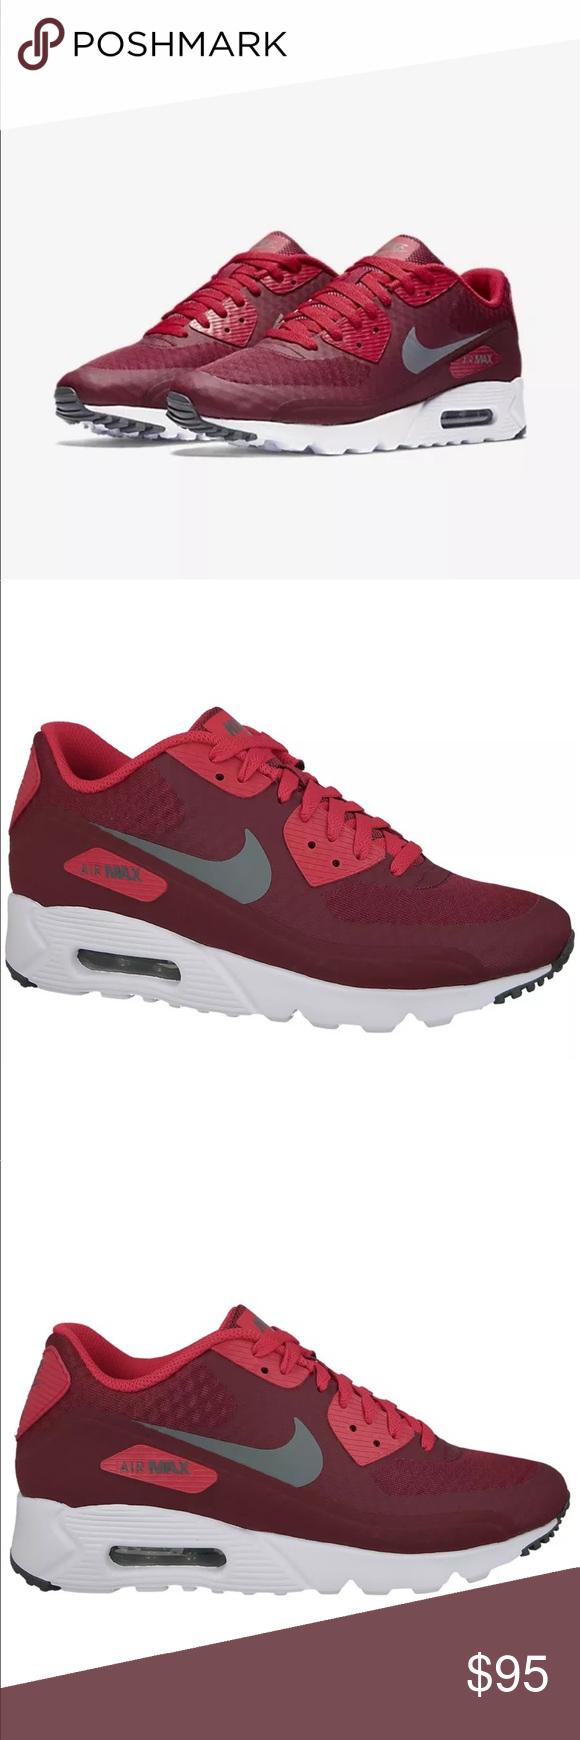 Men's Nike Air Max 90 Ultra Essential Shoes NWT Air max 90, Air